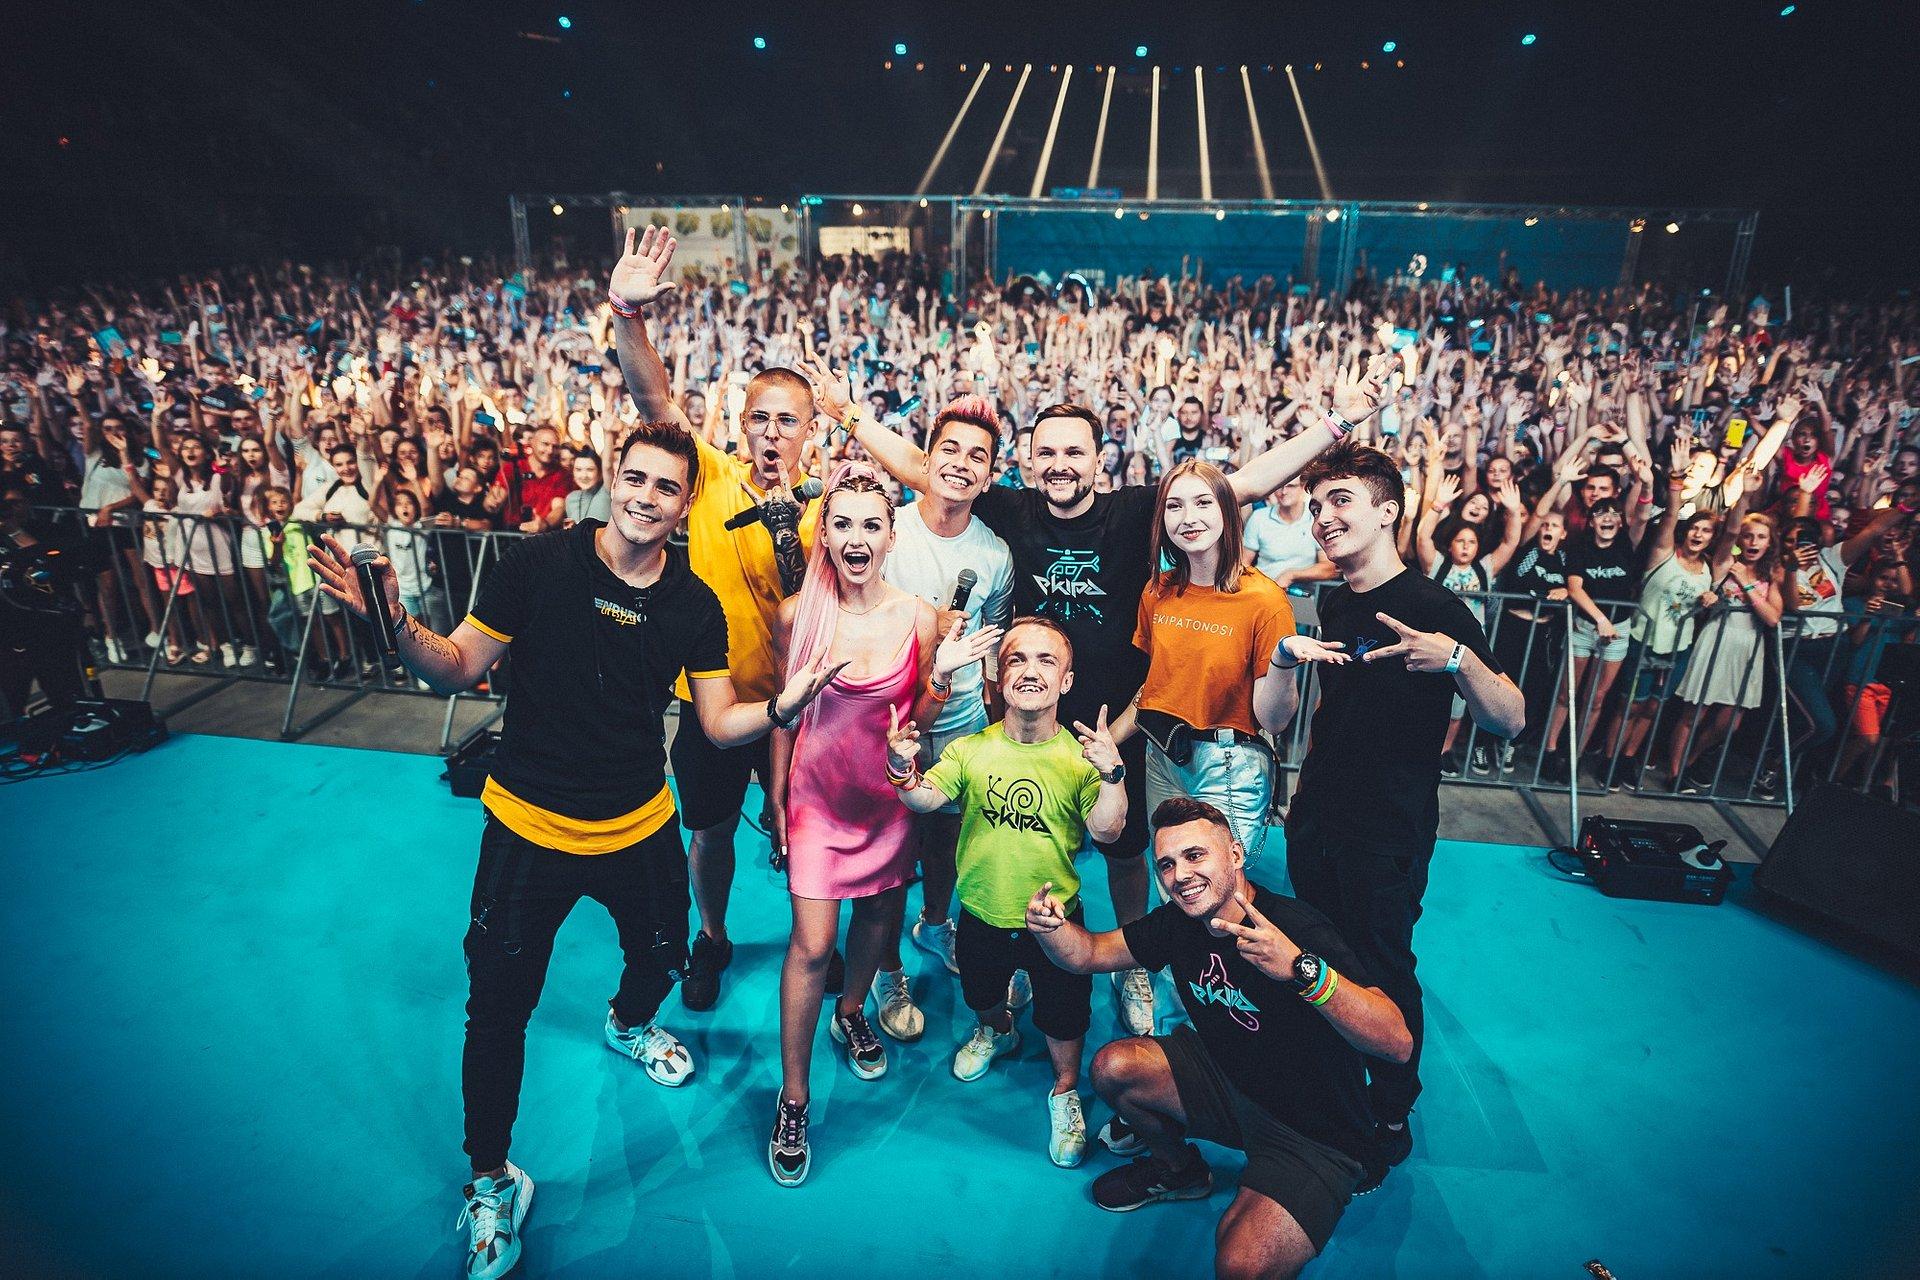 MeetUp® 2019, czyli największe w Polsce spotkanie twórców internetowych z ich fanami już za nami! Teraz, gdy emocje nieco opadły, czas na podsumowanie.